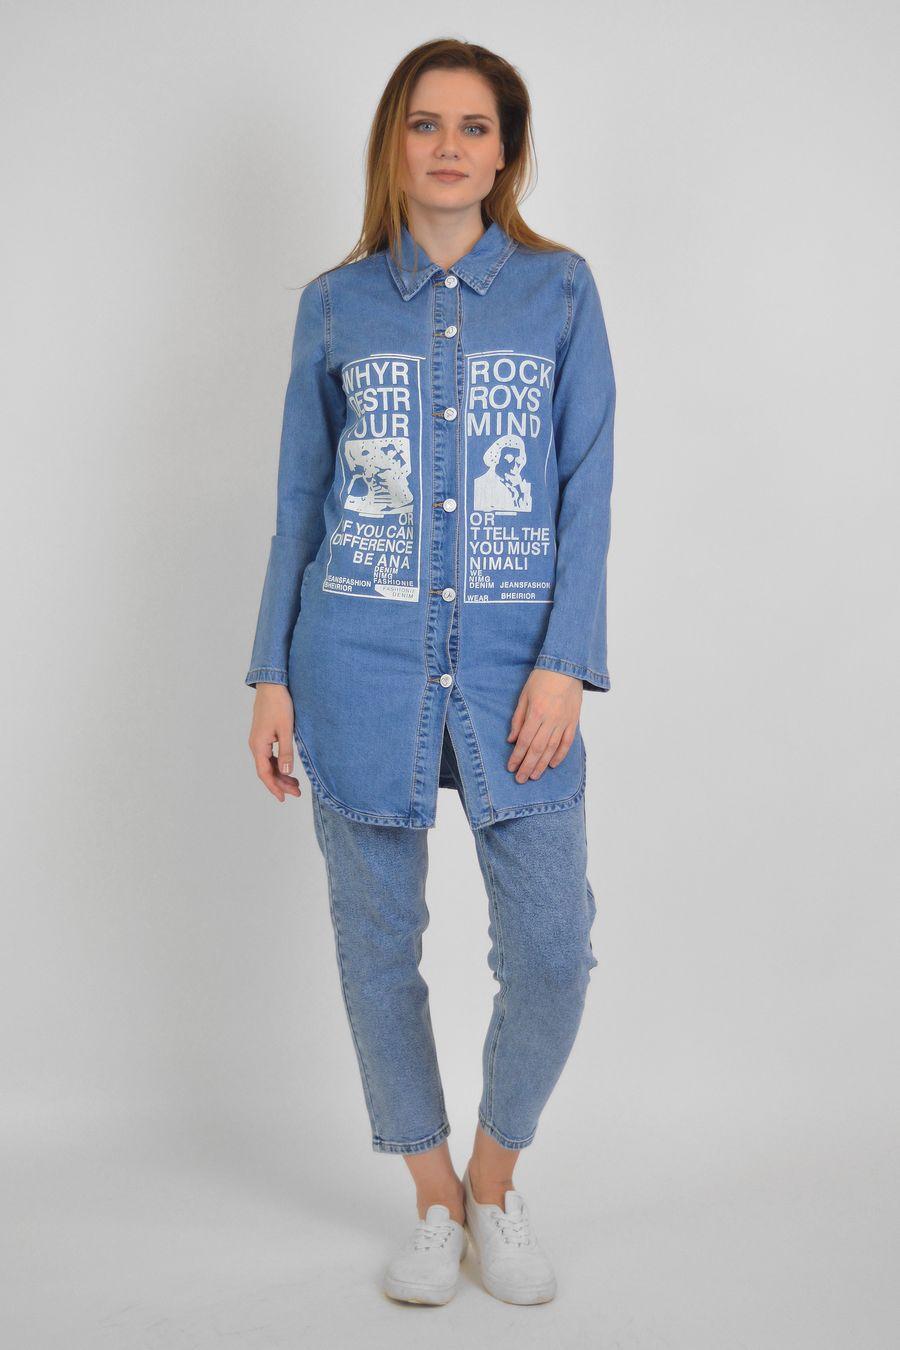 Рубашка женская Baccino 637 джинсовая - фото 3